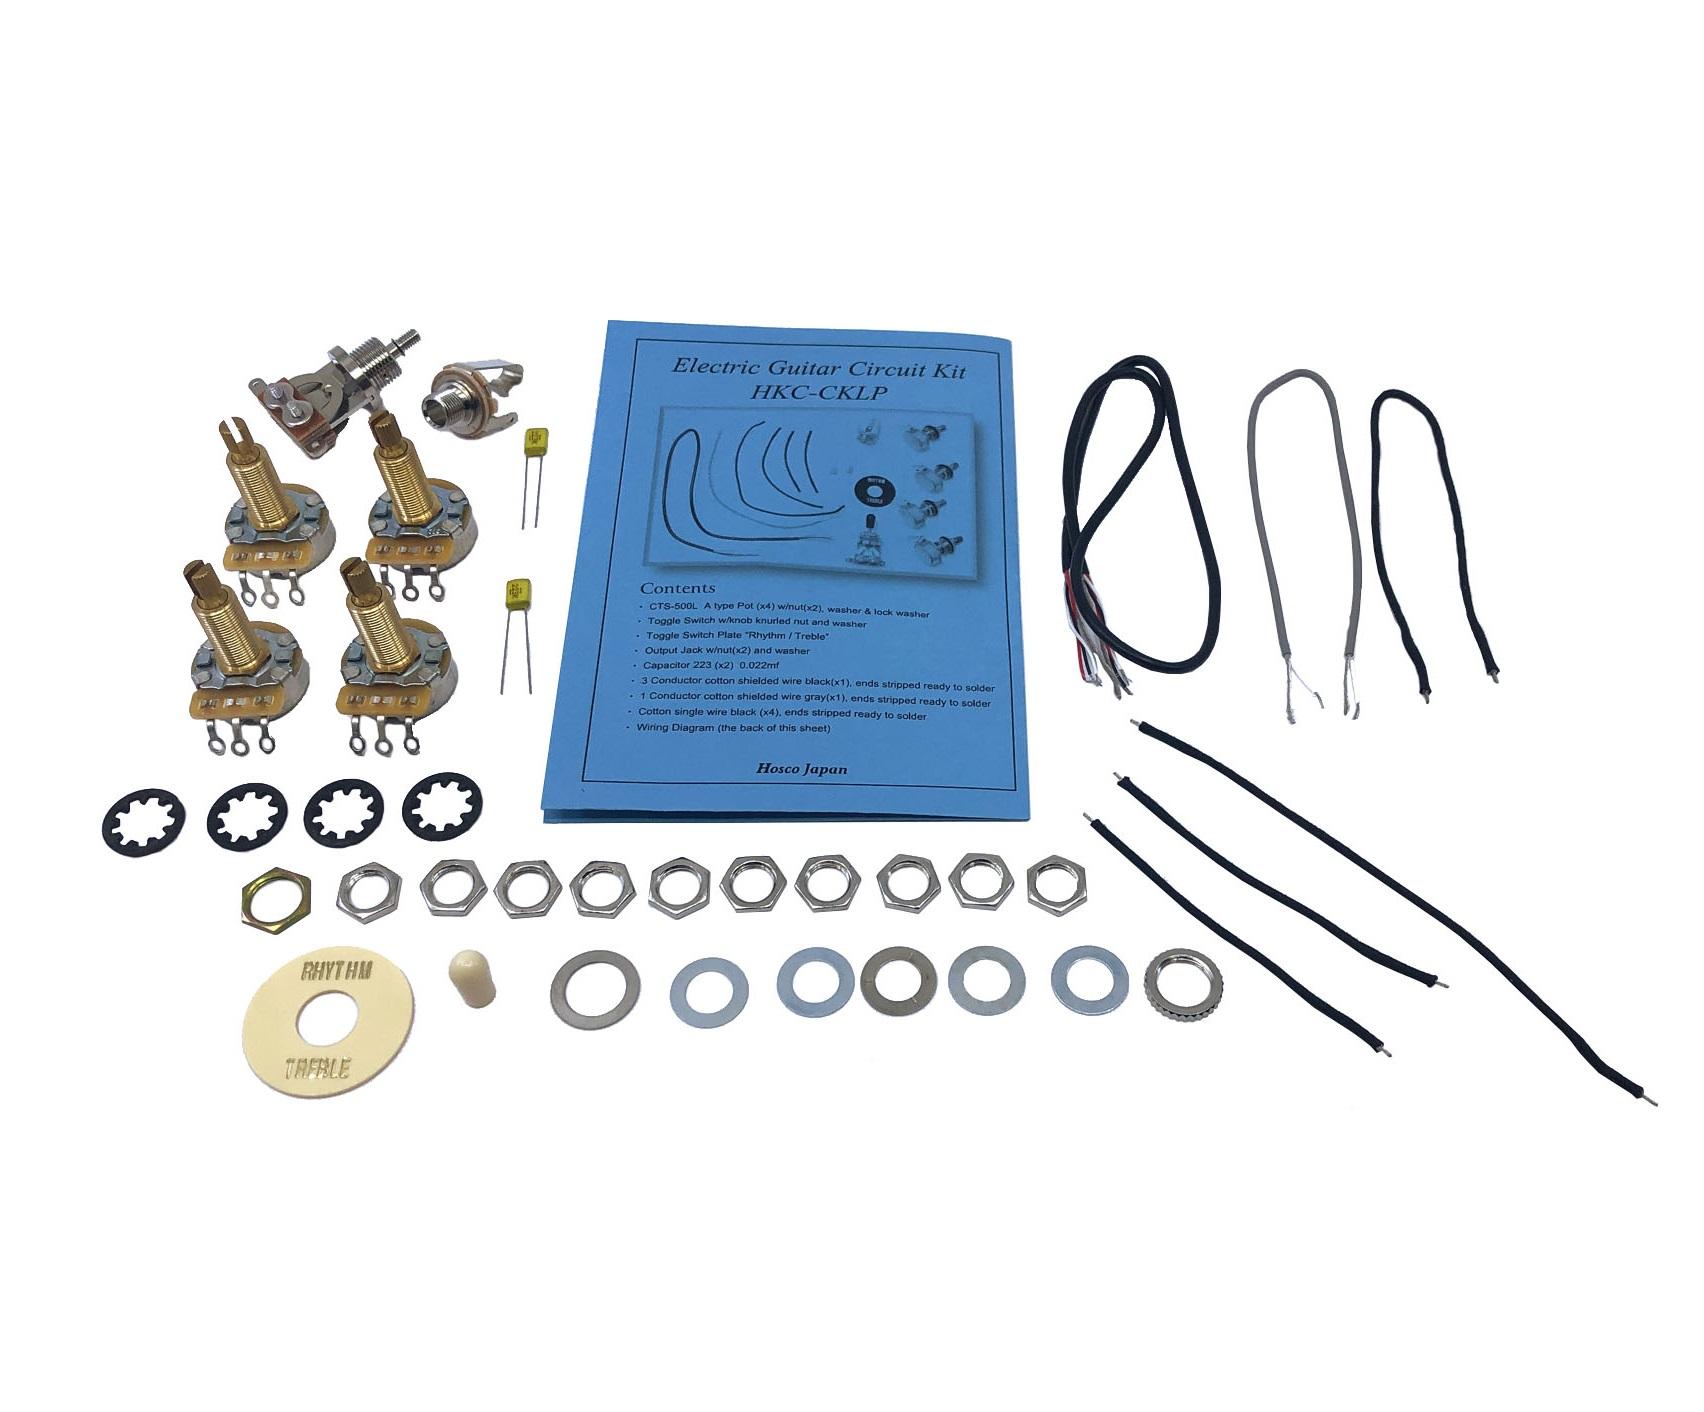 Premium Les Paul Guitar Wiring Kit Manual Guide